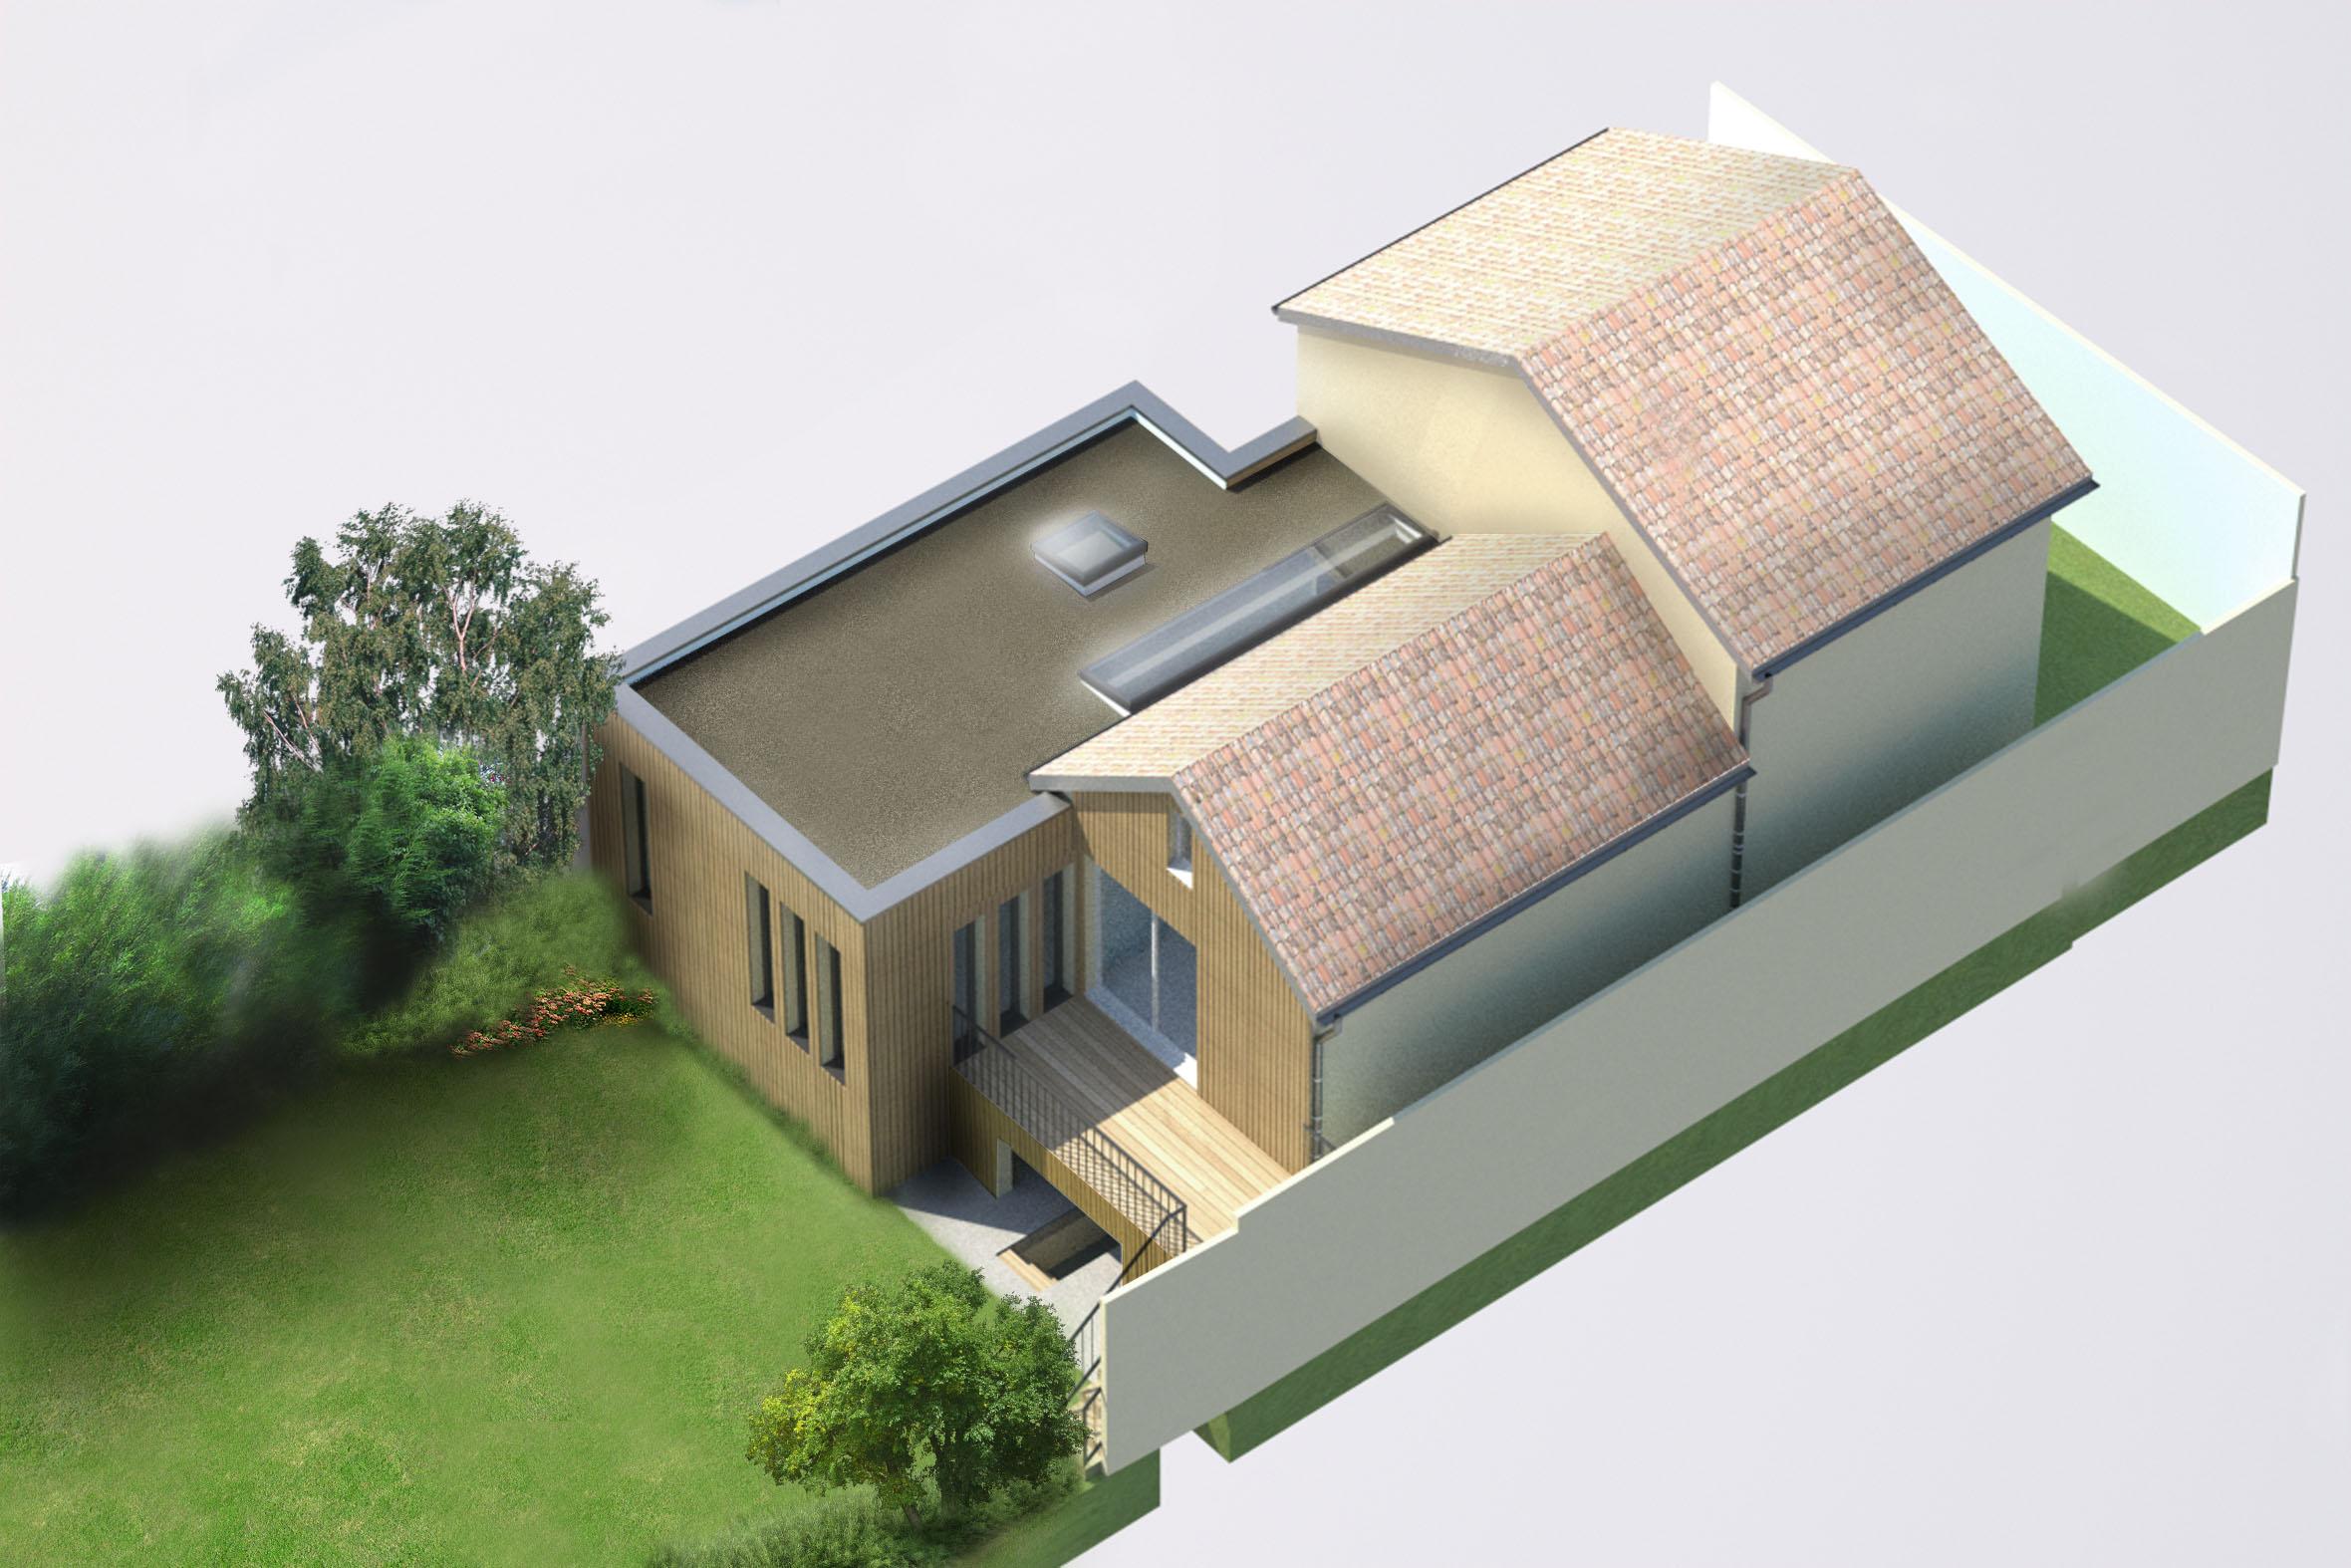 Tekart architecture architectes associ s concepteur de for Extension maison bois 94